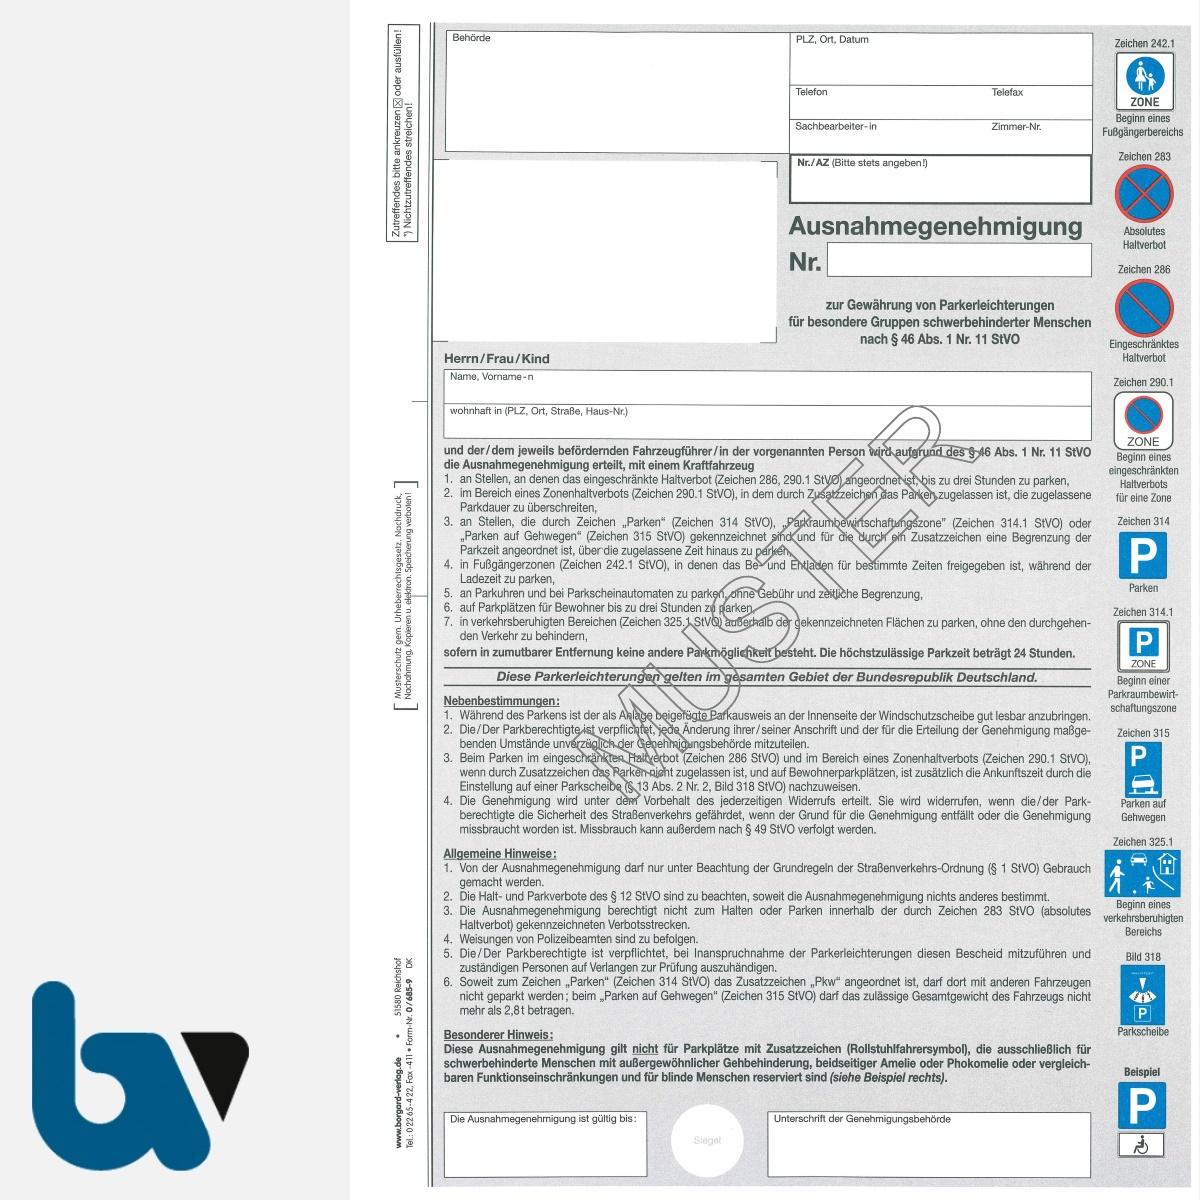 0/685-9 Ausnahmegenehmigung zum Parkausweis BRD orange Modell behinderte Menschen Durchschreibesatz DIN A4 2-fach mit farbigen Verkehrszeichen | Borgard Verlag GmbH